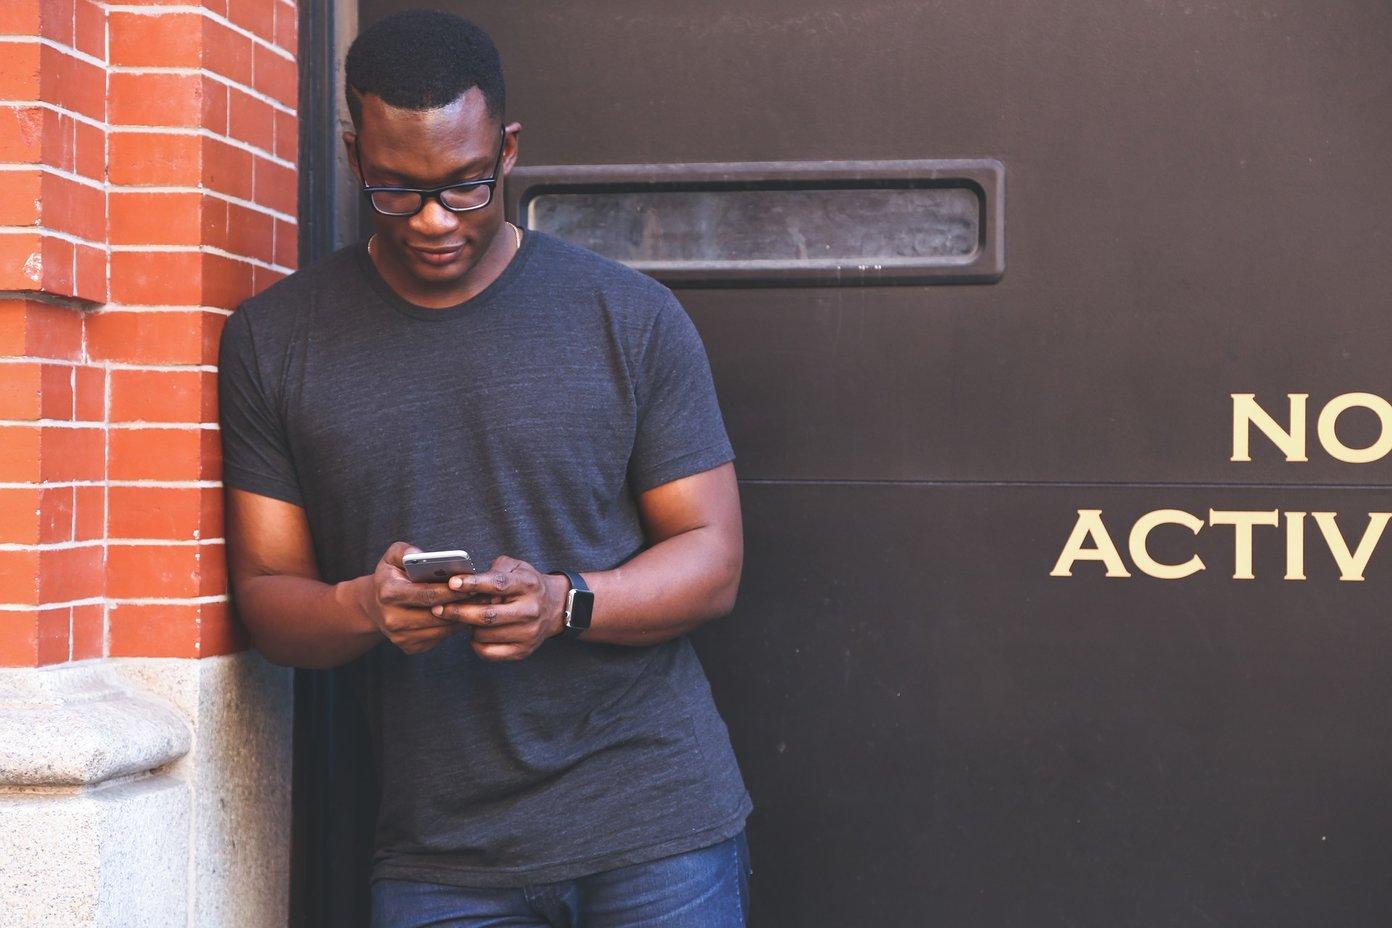 Top 5 Problemas Comunes de 4G LTE y sus Soluciones 5